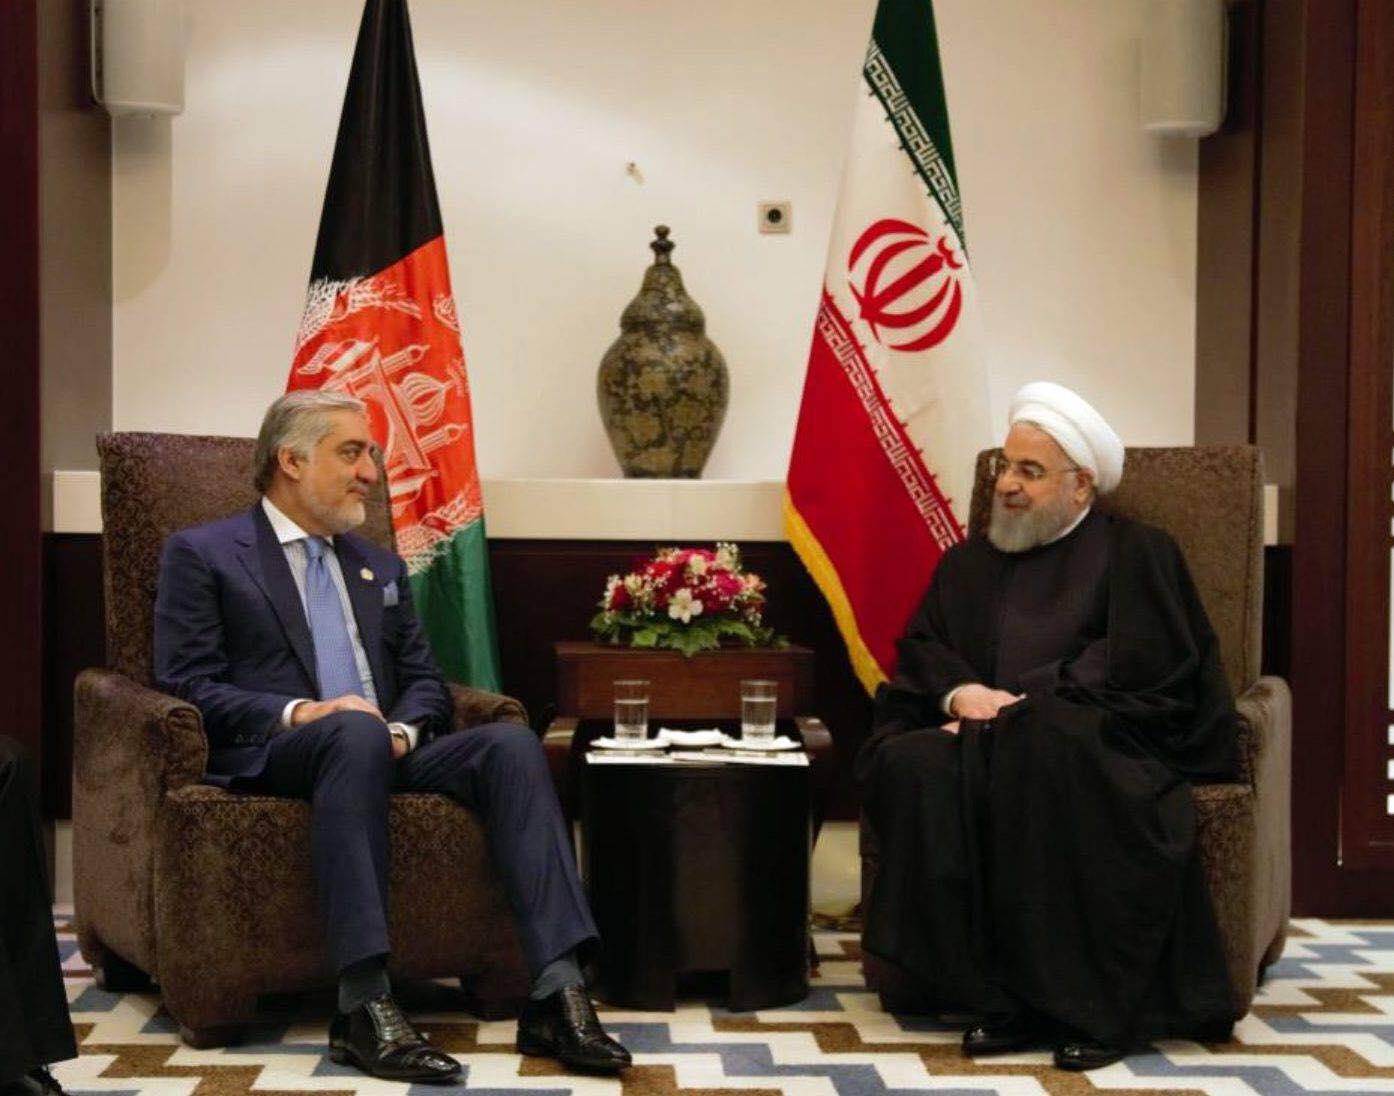 ملاقات جلالتمآب حسن روحانی، رئیس جمهور ایران